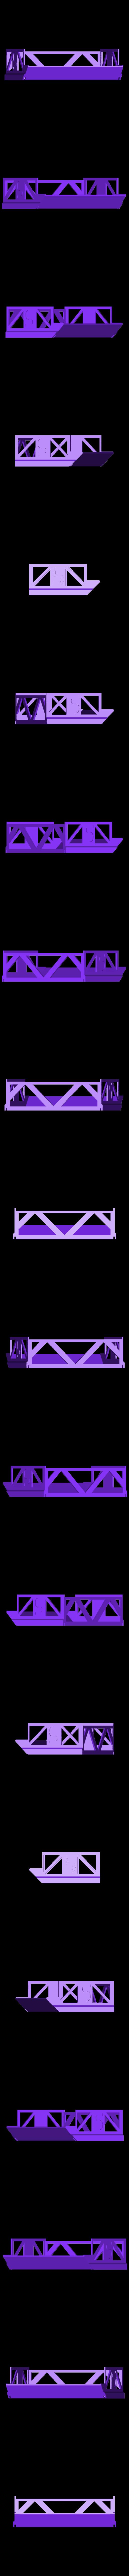 GLOVE BOX (S).stl Télécharger fichier STL gratuit Porte-boîte à gants empilable • Objet pour imprimante 3D, 3DPrintersaur